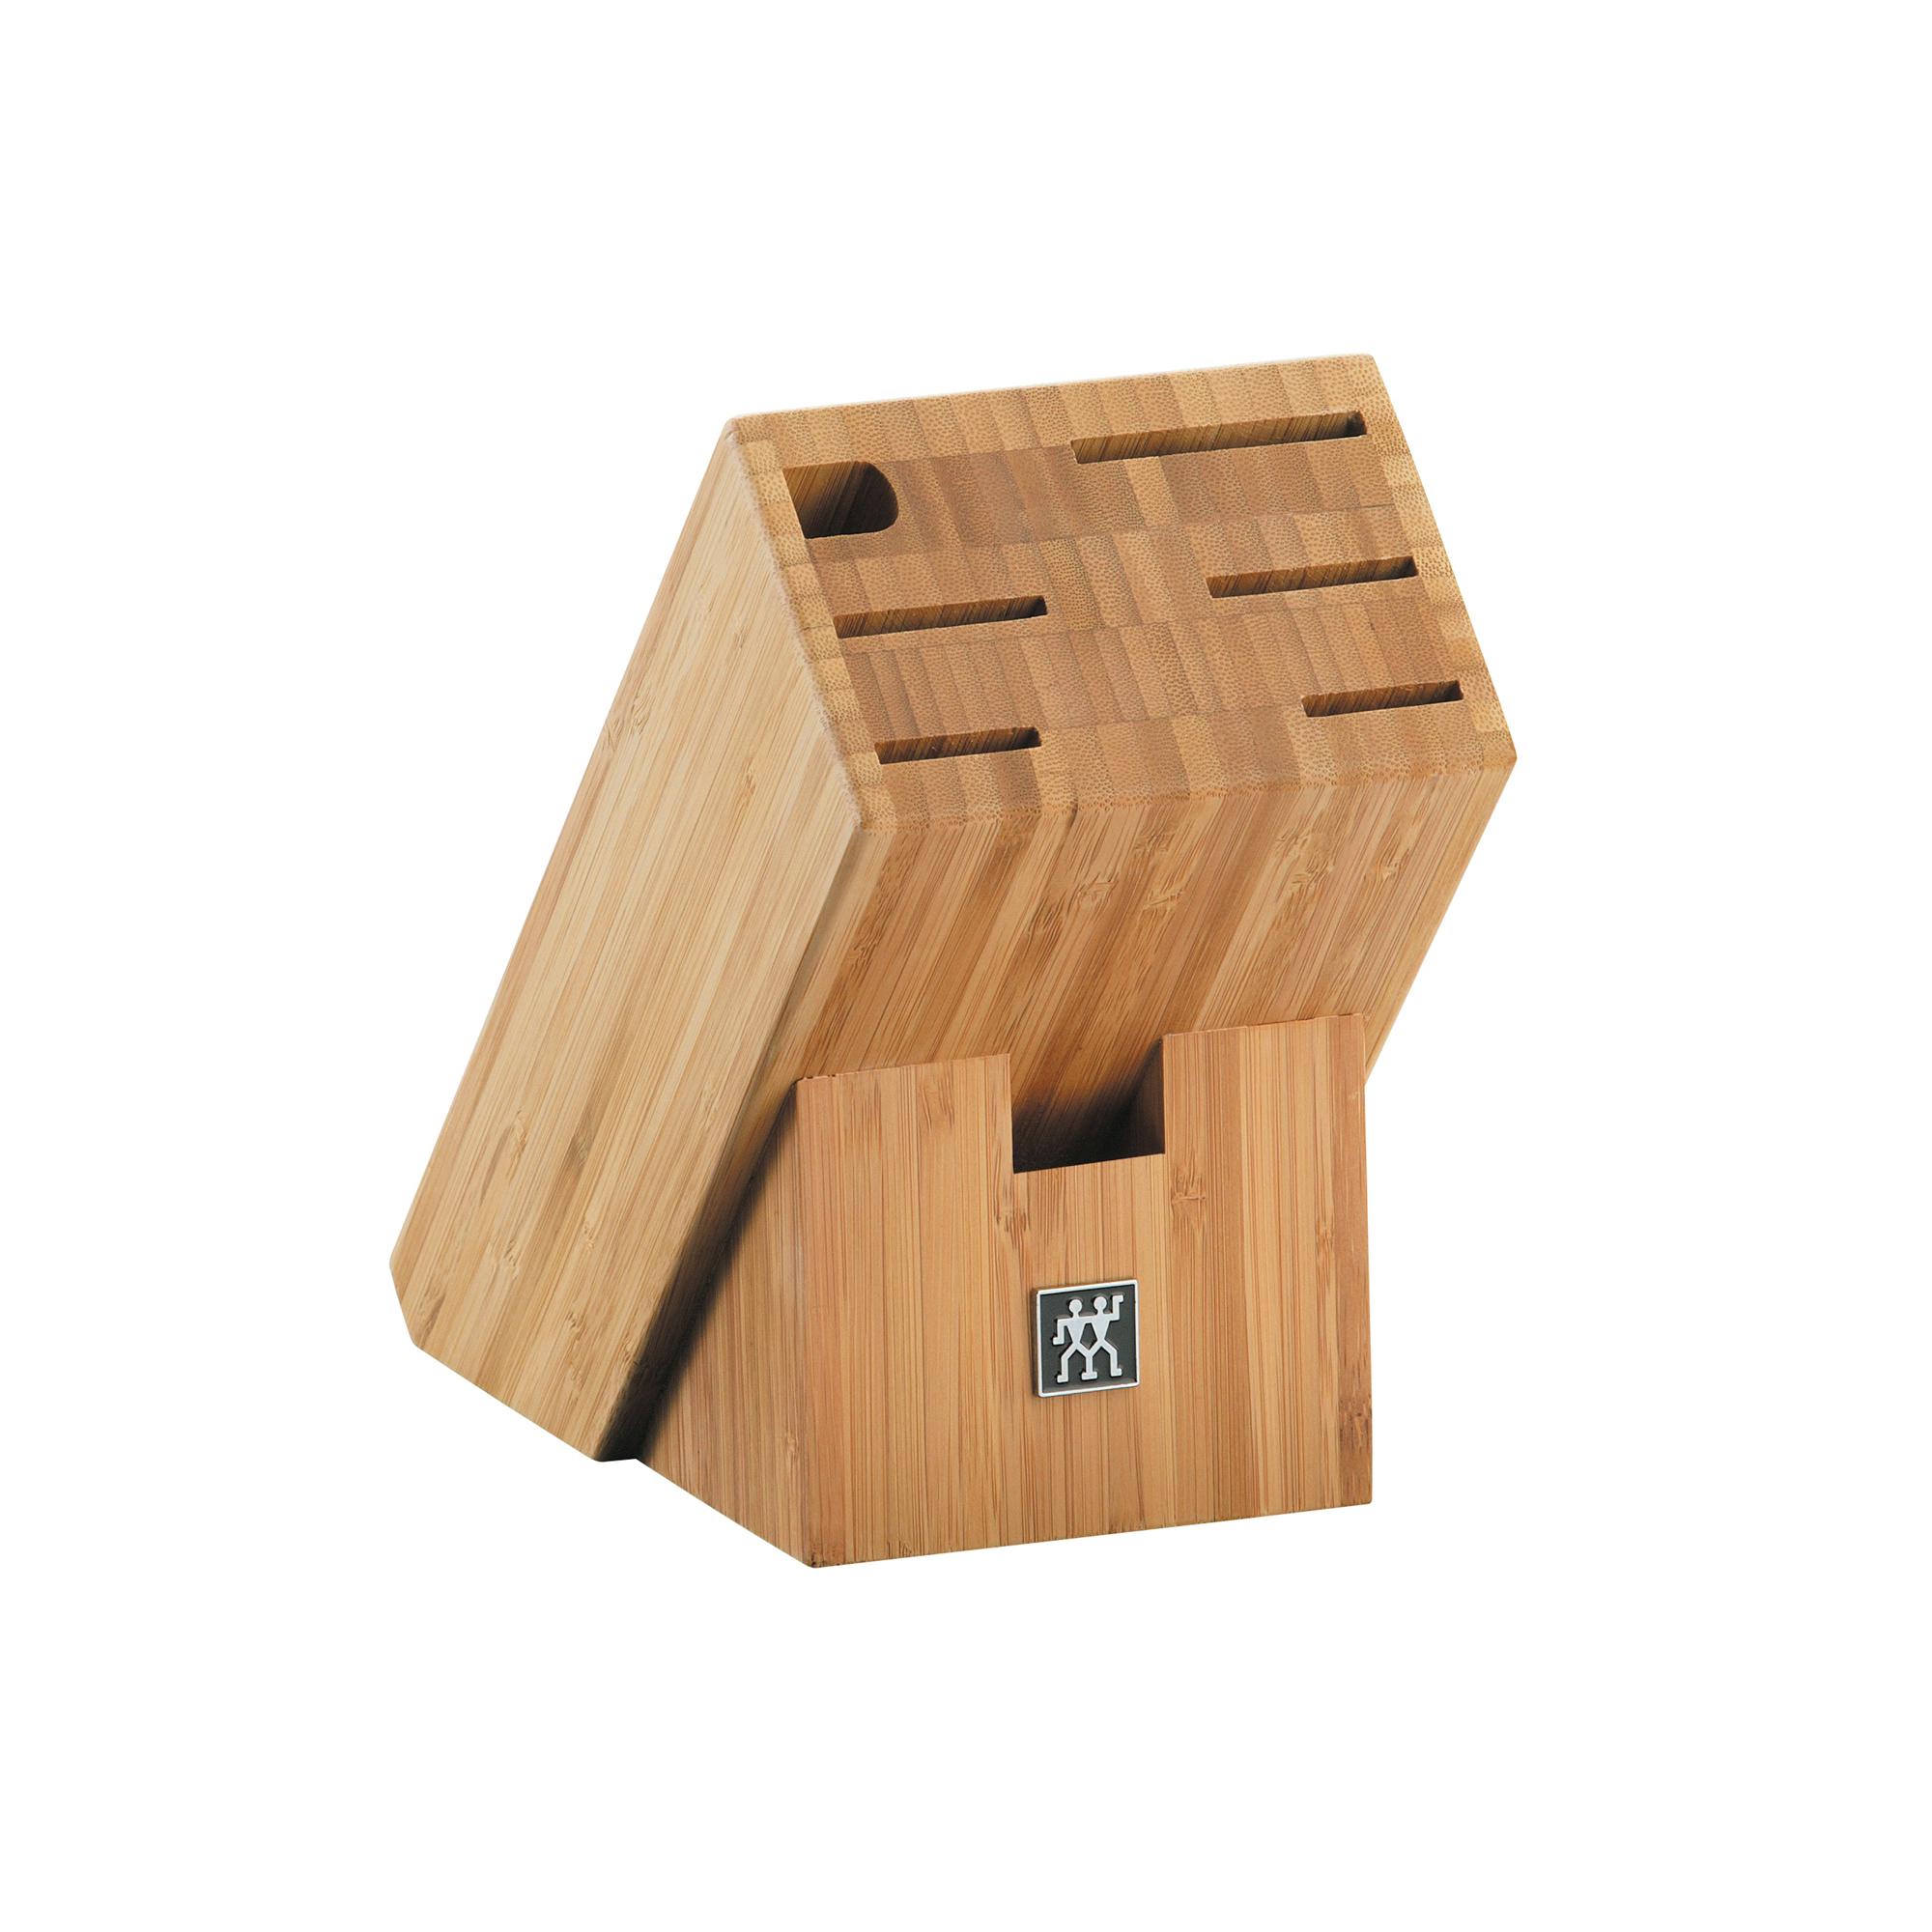 Подставка для ножей из бамбука Zwilling 35042-400Деревянные подставки<br>Подставка для ножей из бамбука Zwilling 35042-400<br><br>Изготовлена: из бамбука. Имеет 7 отделений. Изделия из бамбука обладают высокой стойкостью к механическим повреждениям и влаге.<br>Применение: для хранения ножей.<br>Уход: периодически протирайте влажной тканью.<br>Внимание: Не размещайте подставку вблизи источников тепла, Не оставлять в воде, не мыть в посудомоечной машине . Использовать только по назначению! Хранить в недоступном для детей месте.<br>